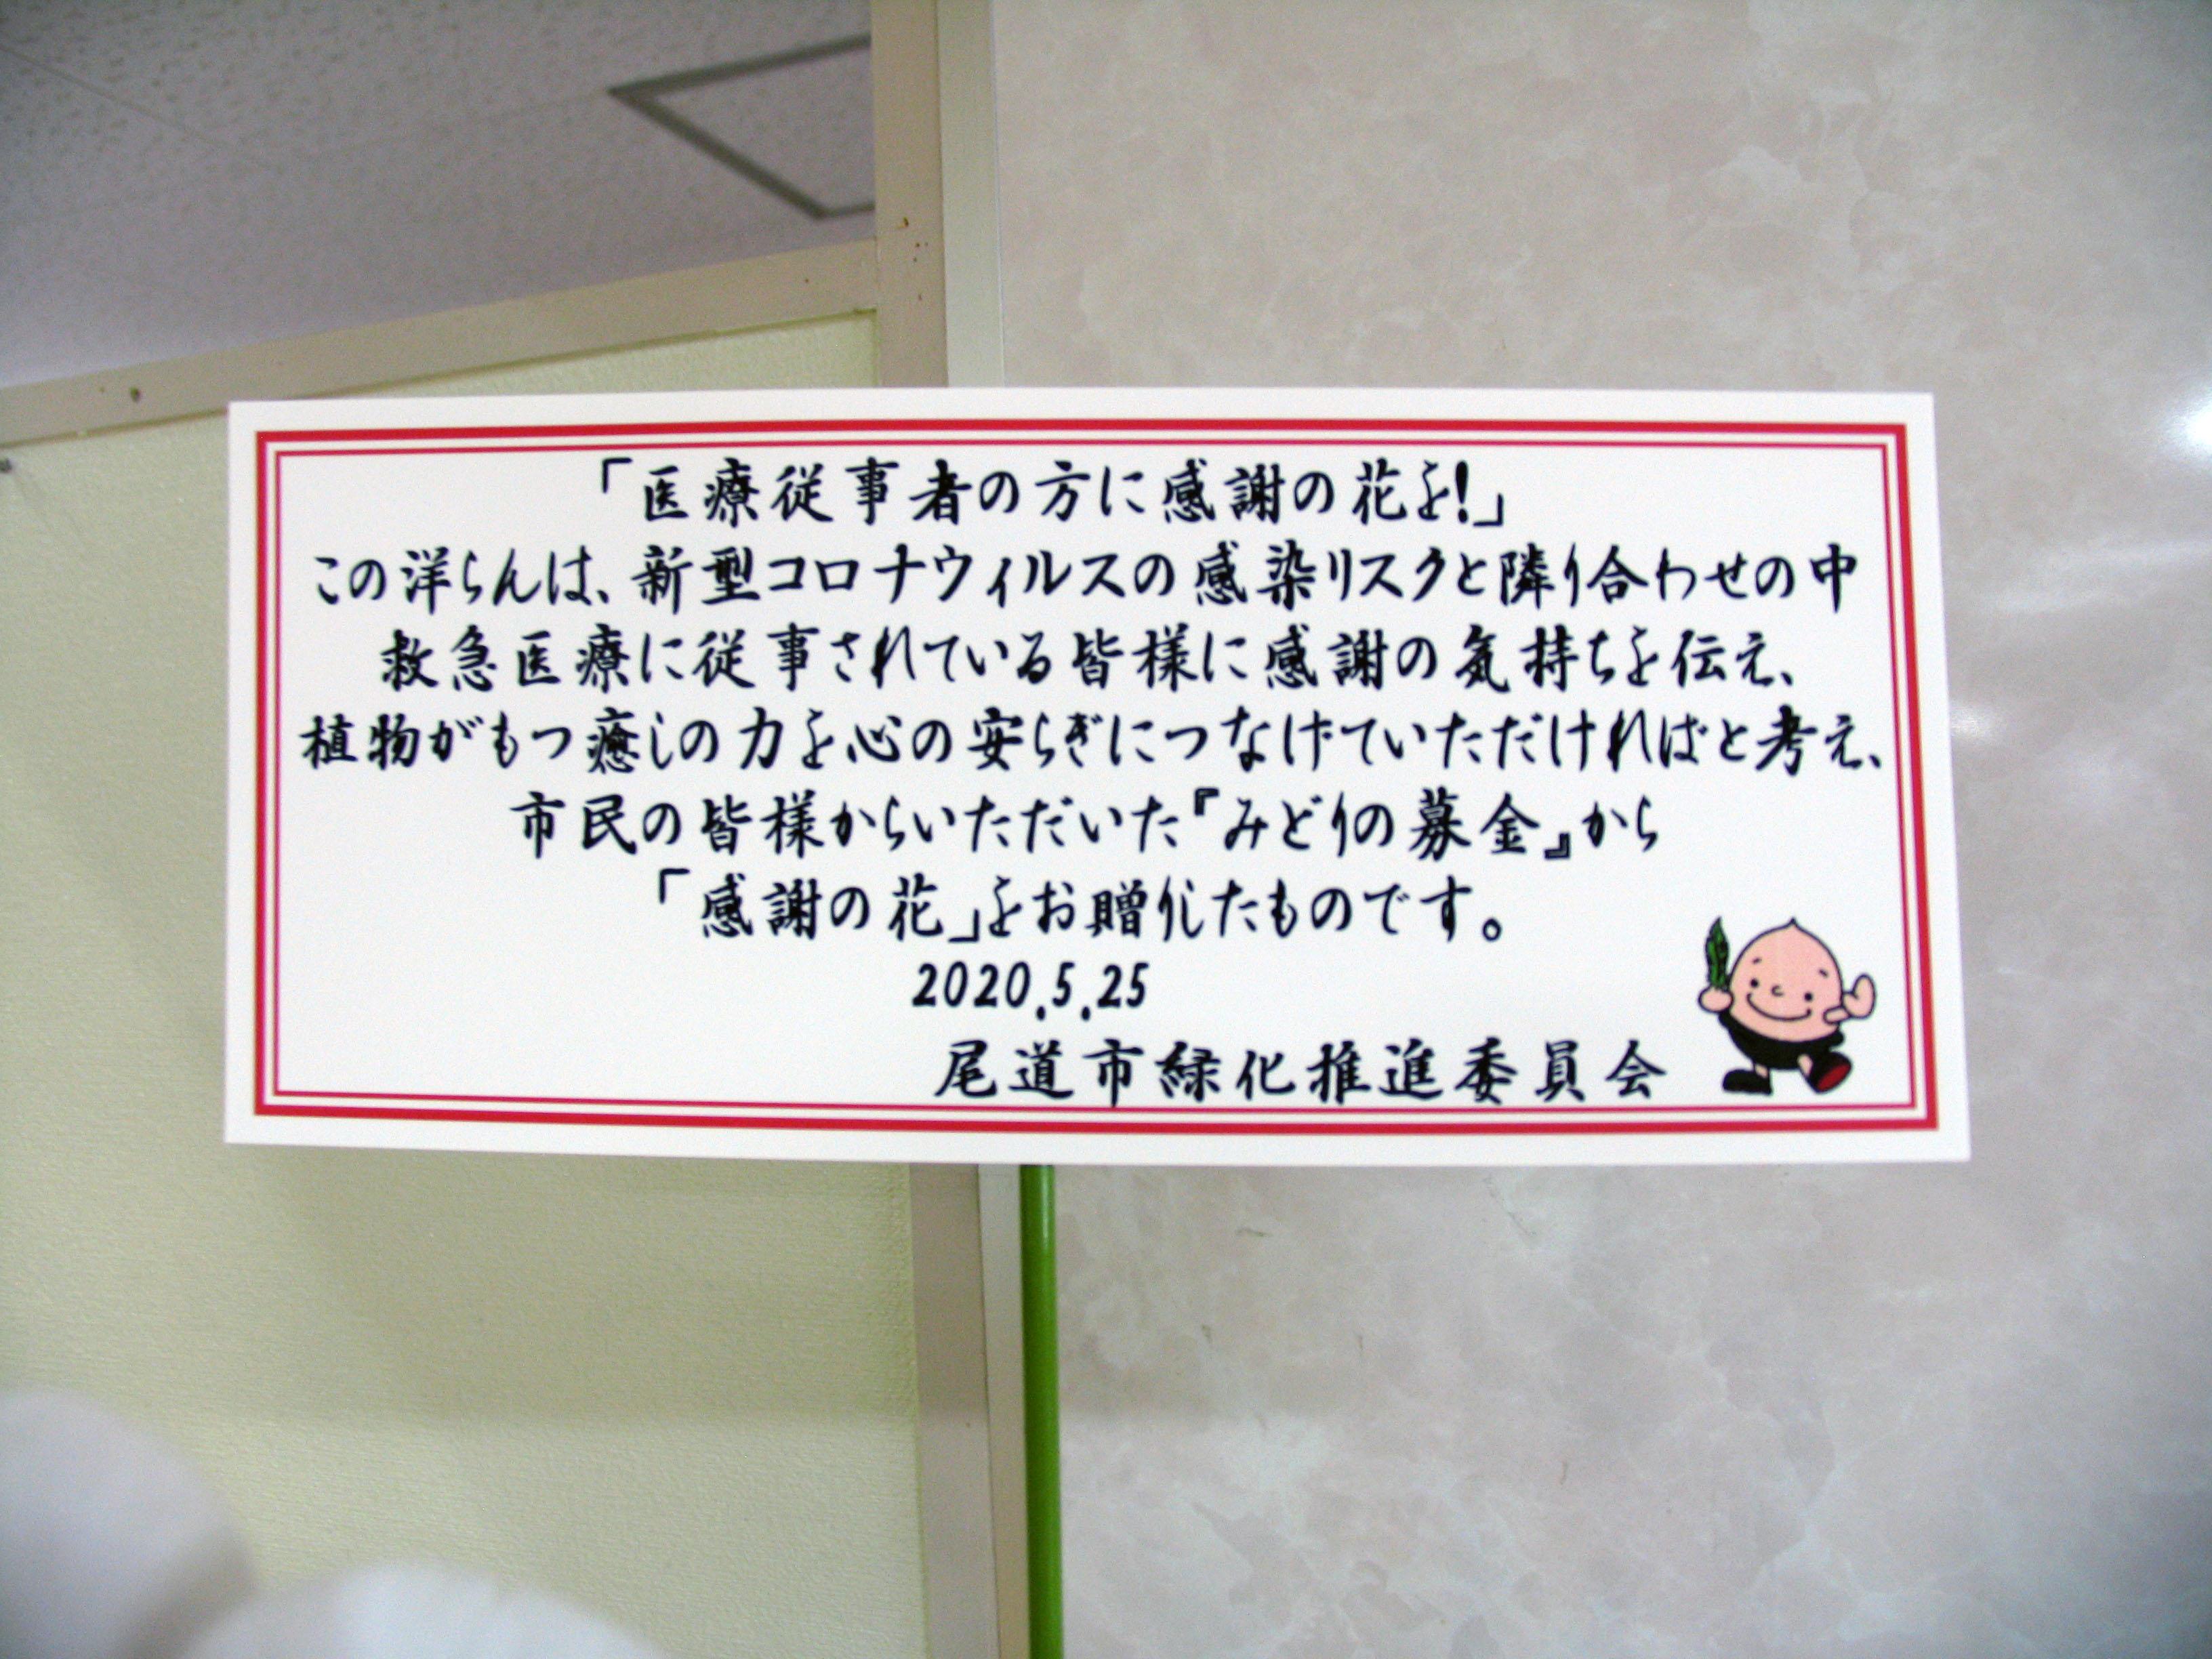 尾道 市 コロナ 感染